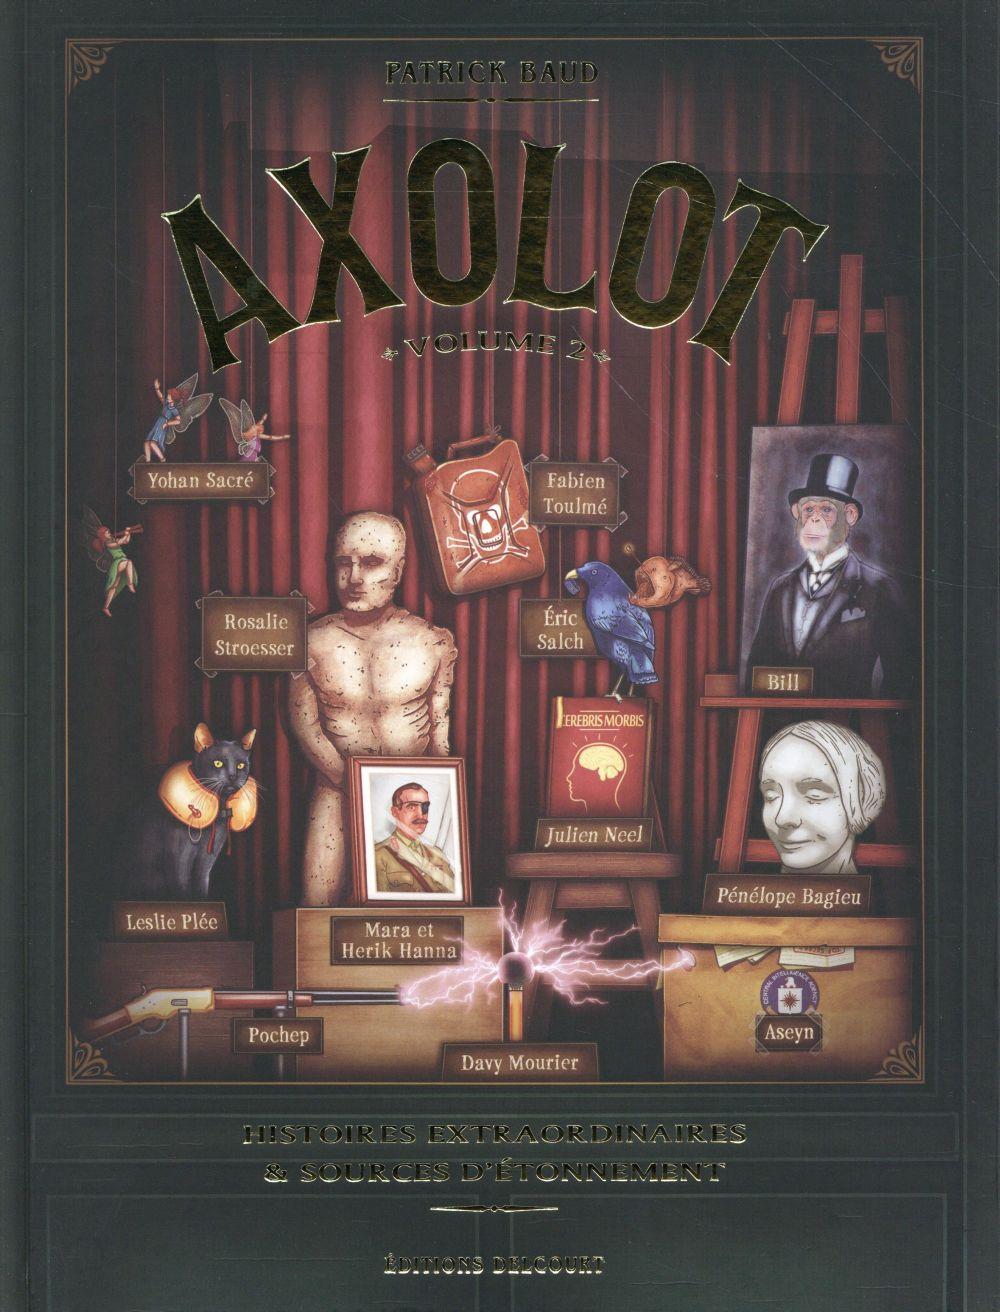 Axolot ; histoires extraordinaires & sources d'étonnement T.2